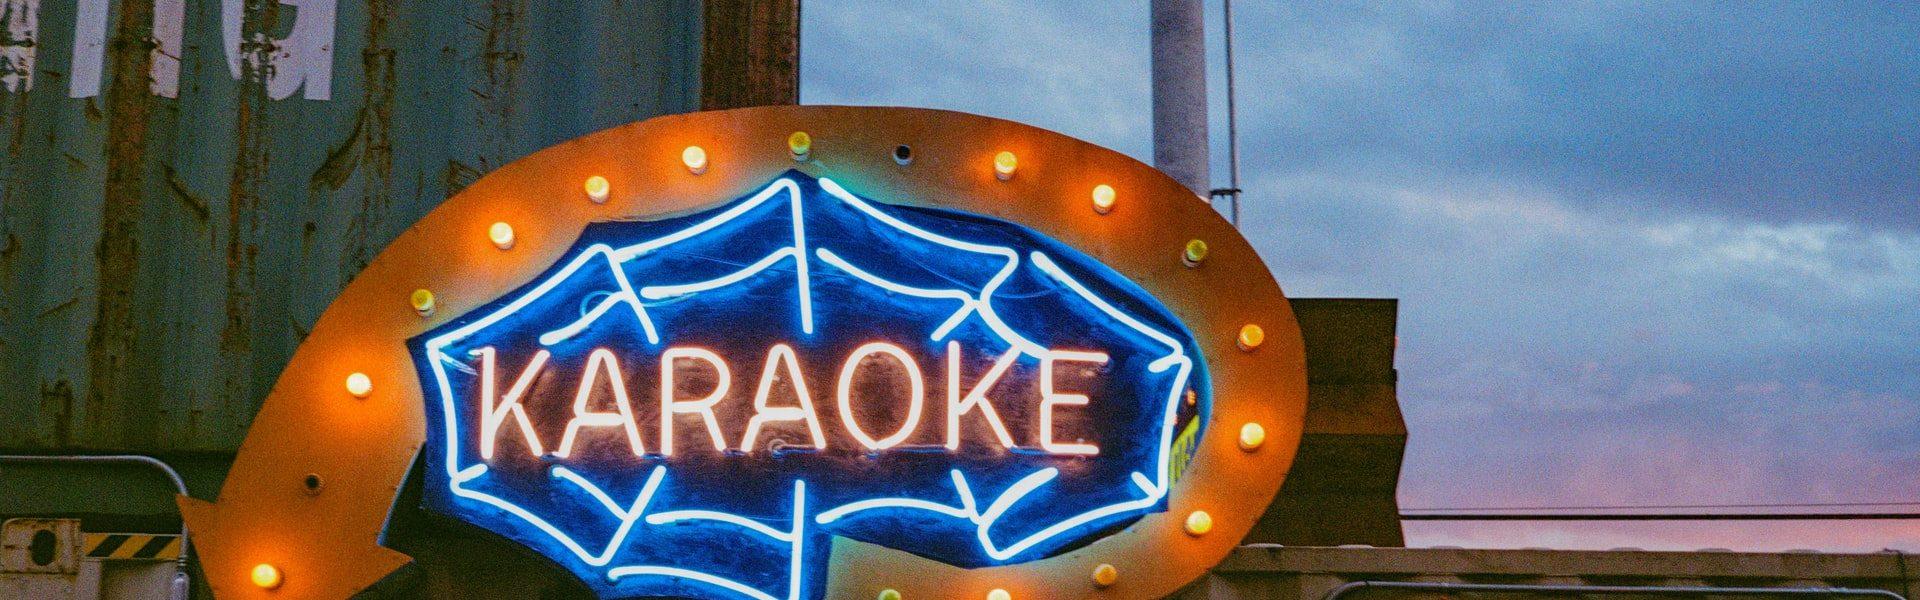 Wil je een knalfeest? Schaf dan een karaoke set aan!